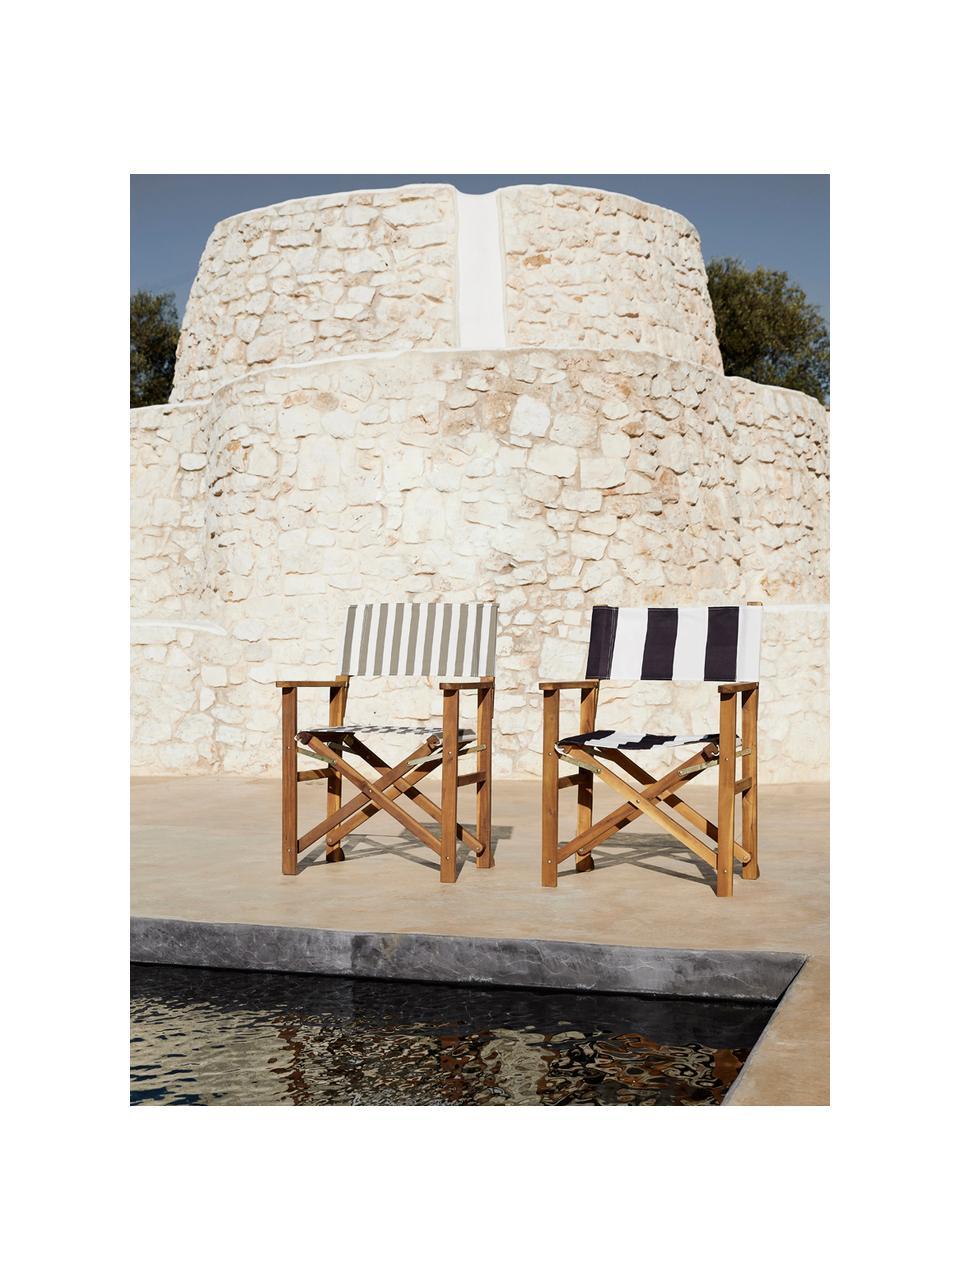 Sedia pieghevole da regista con struttura in legno Zoe, Struttura: legno di acacia oliato, Beige, bianco, Larg. 52 x Prof. 58 cm